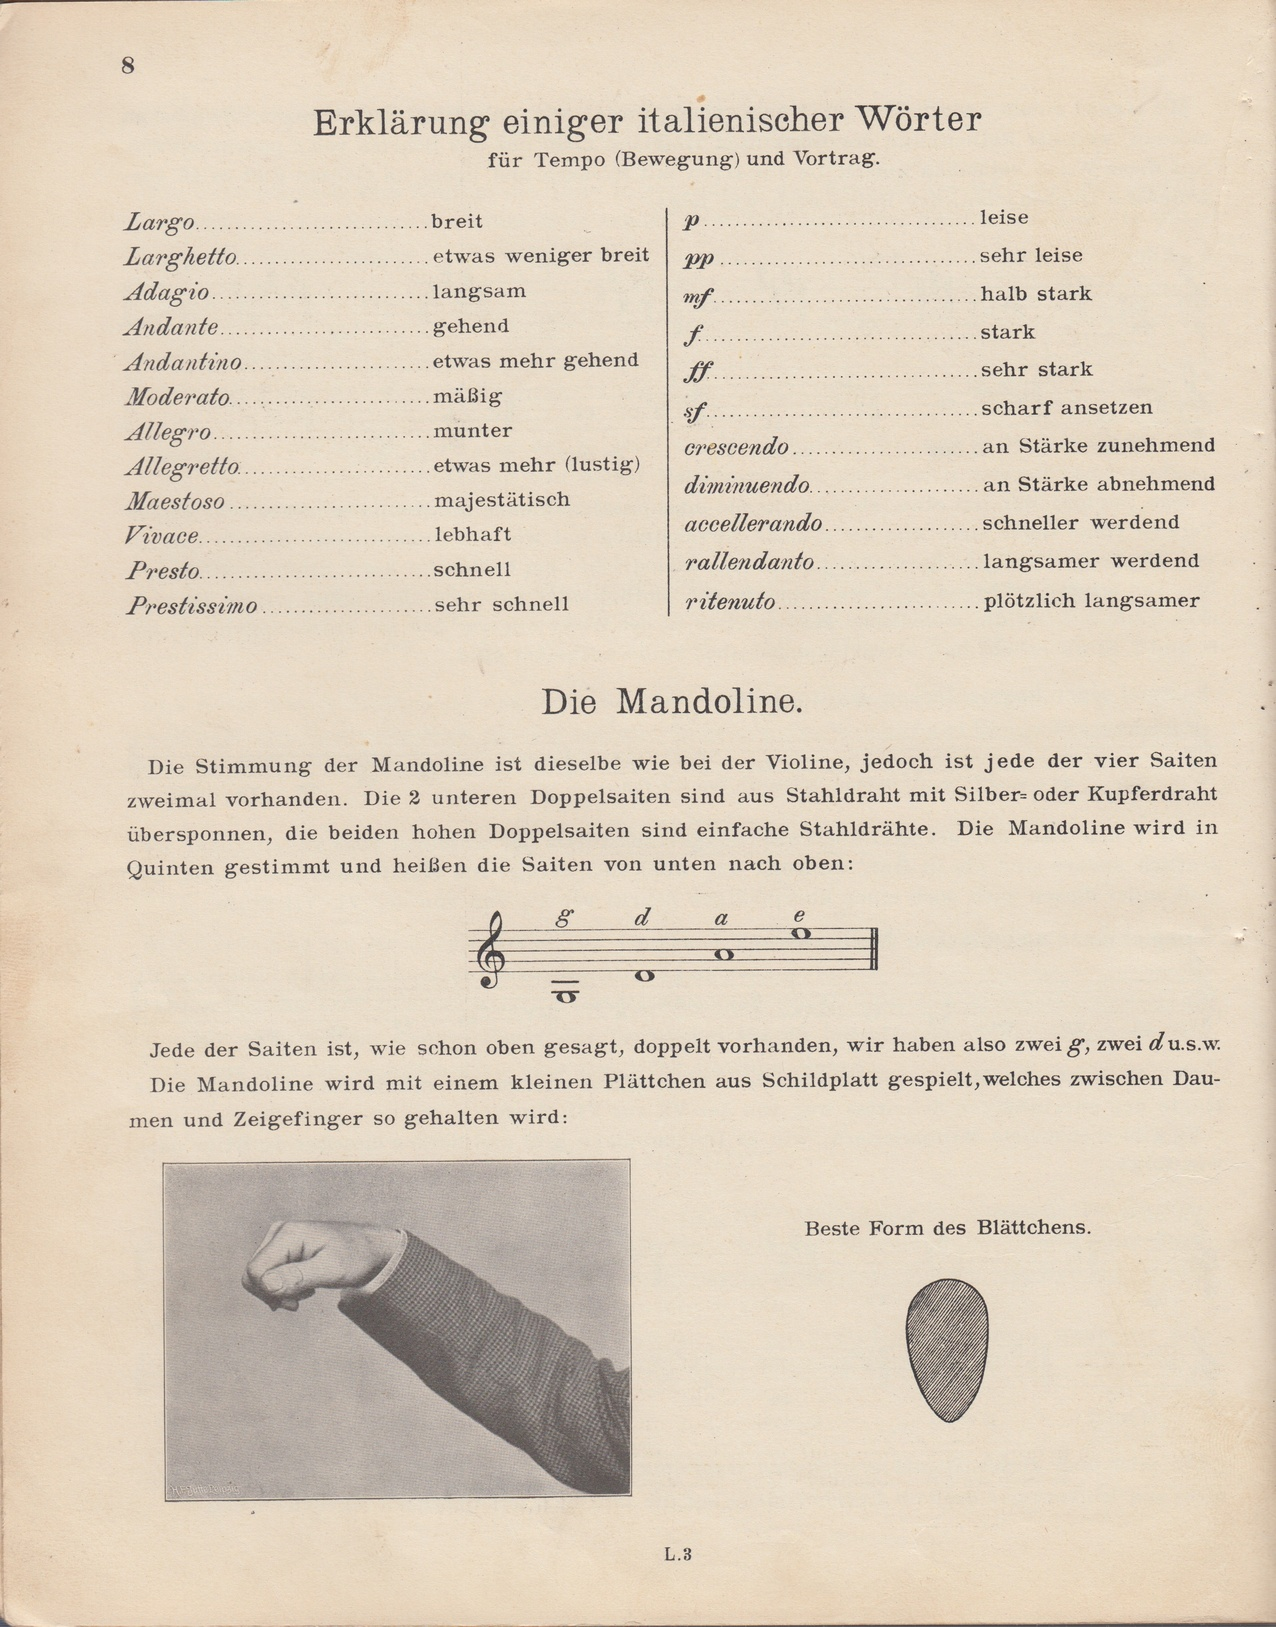 Neue Mandolinenschule Heinrich Albert - Haltung